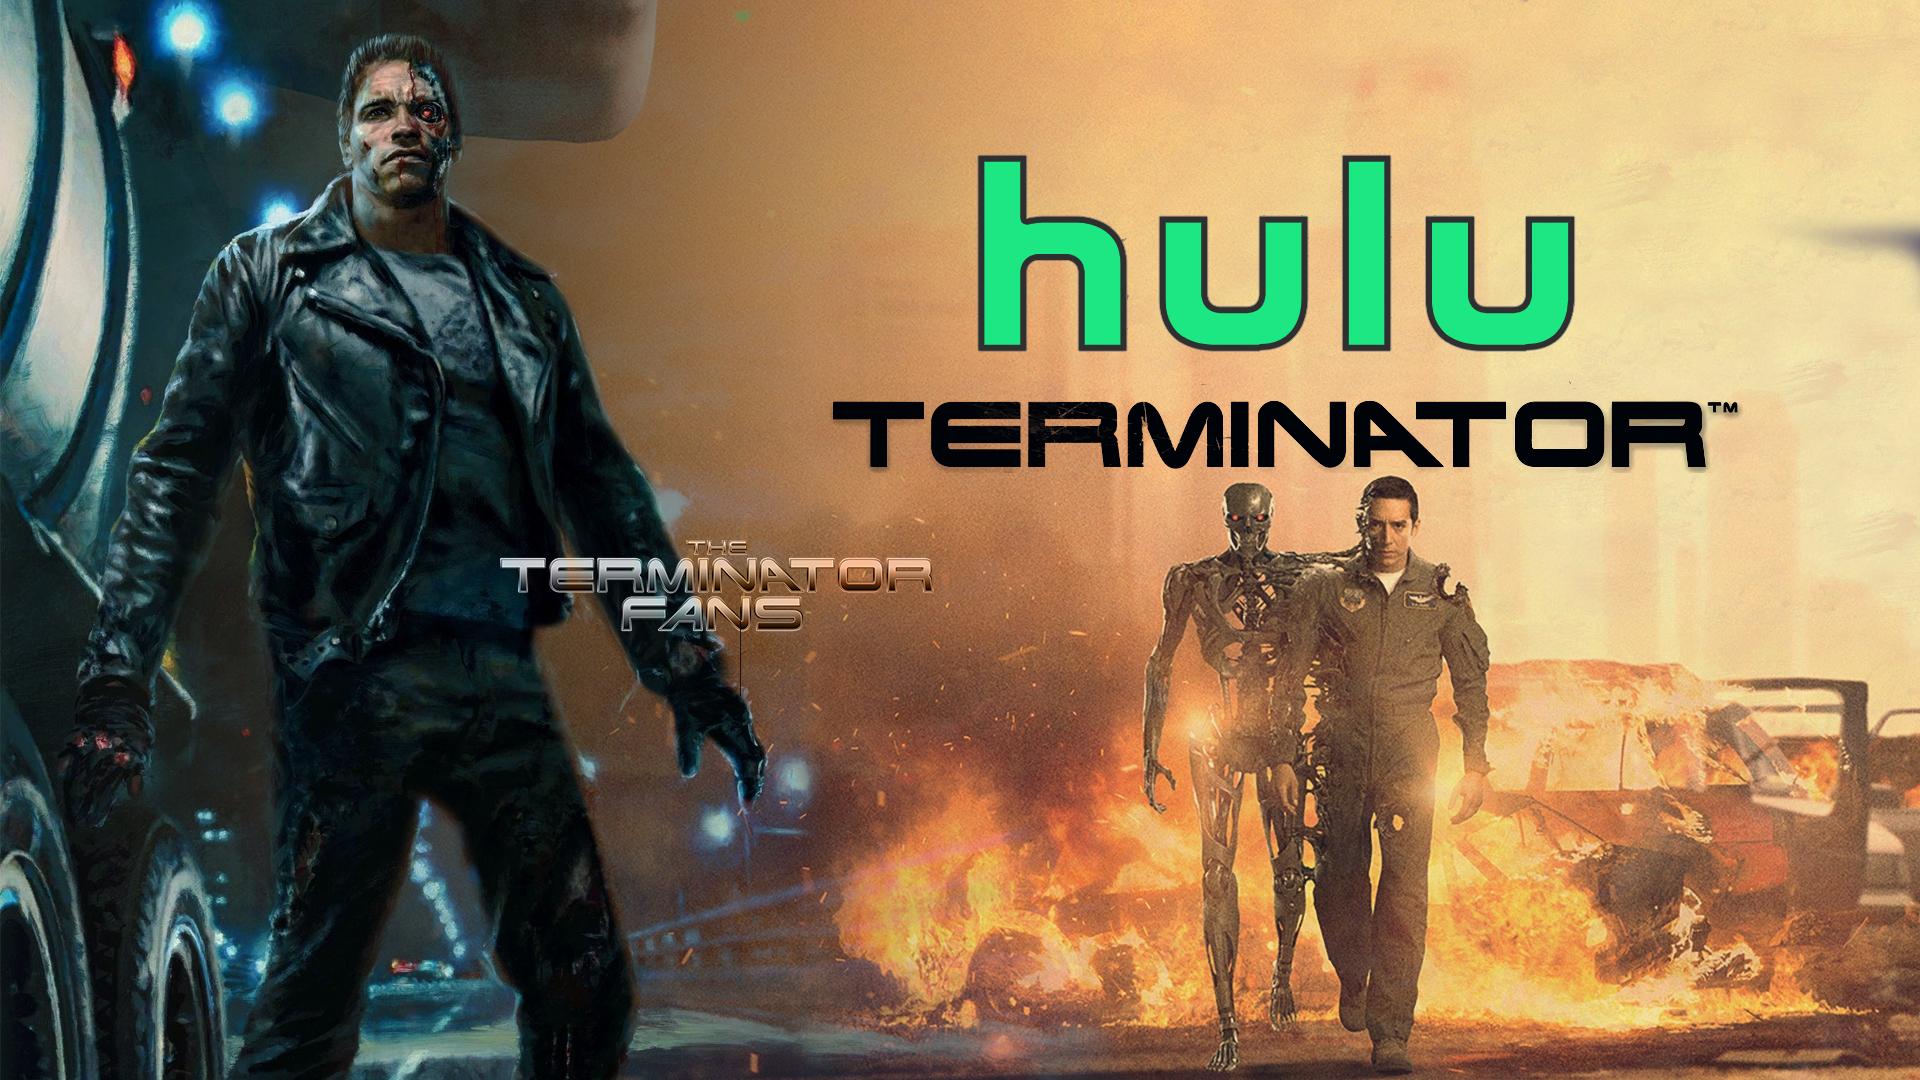 Hulu Terminator Movies